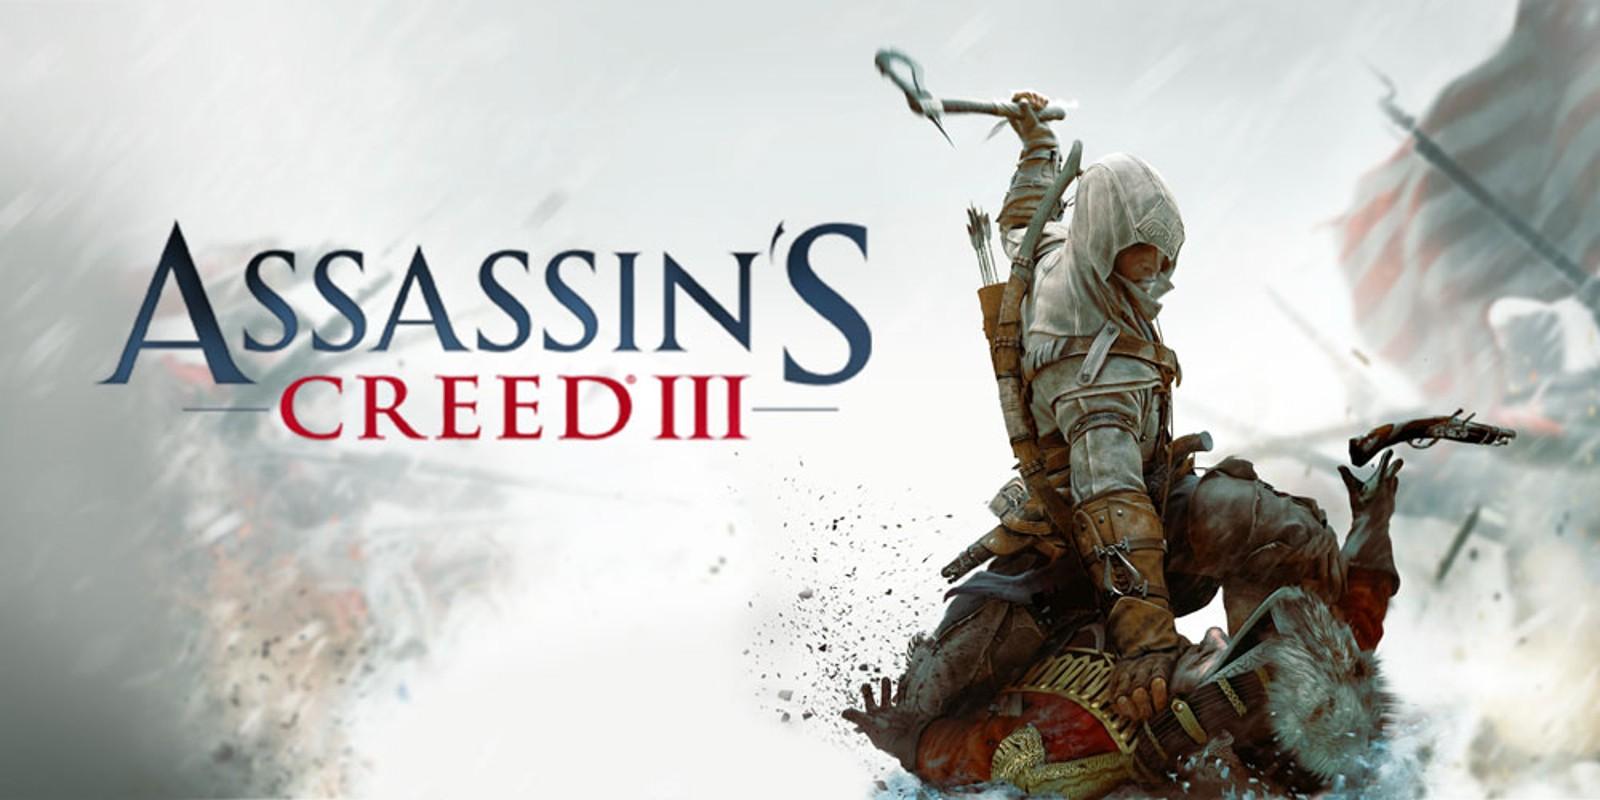 Assassins Creed III Remastered 722019 1